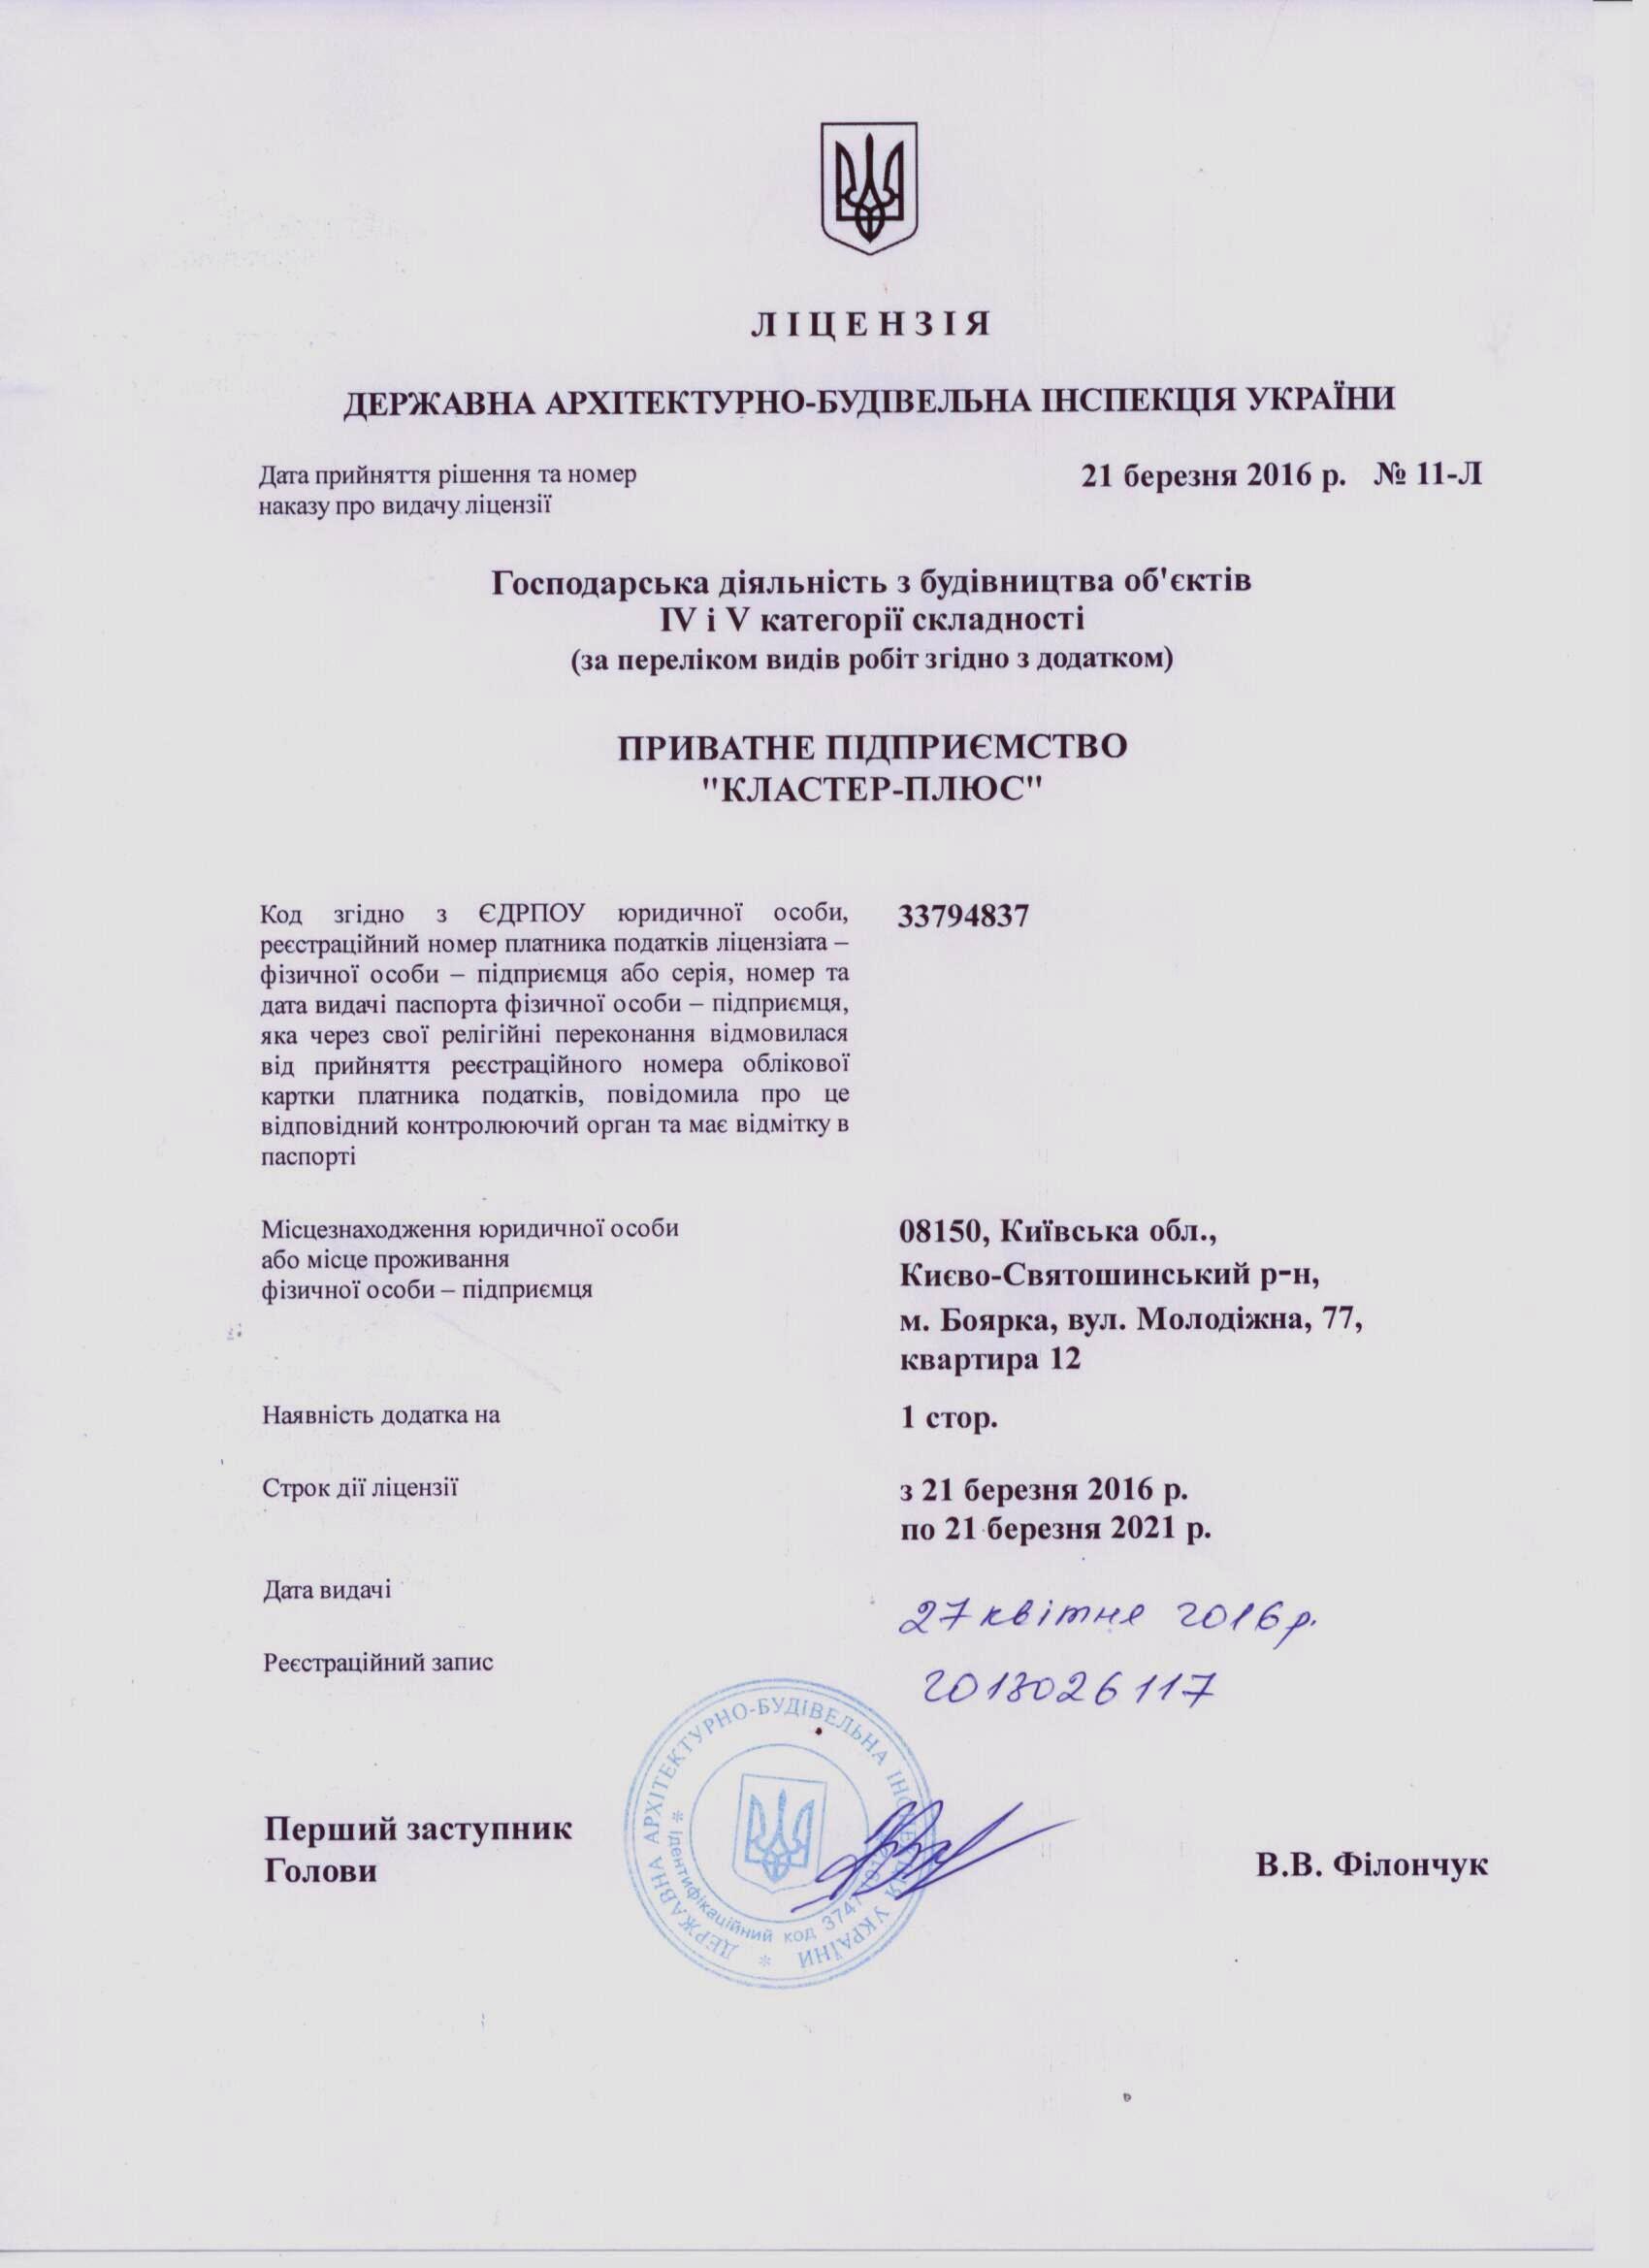 Лицензия №2013026117 от 27 марта 2016 г.